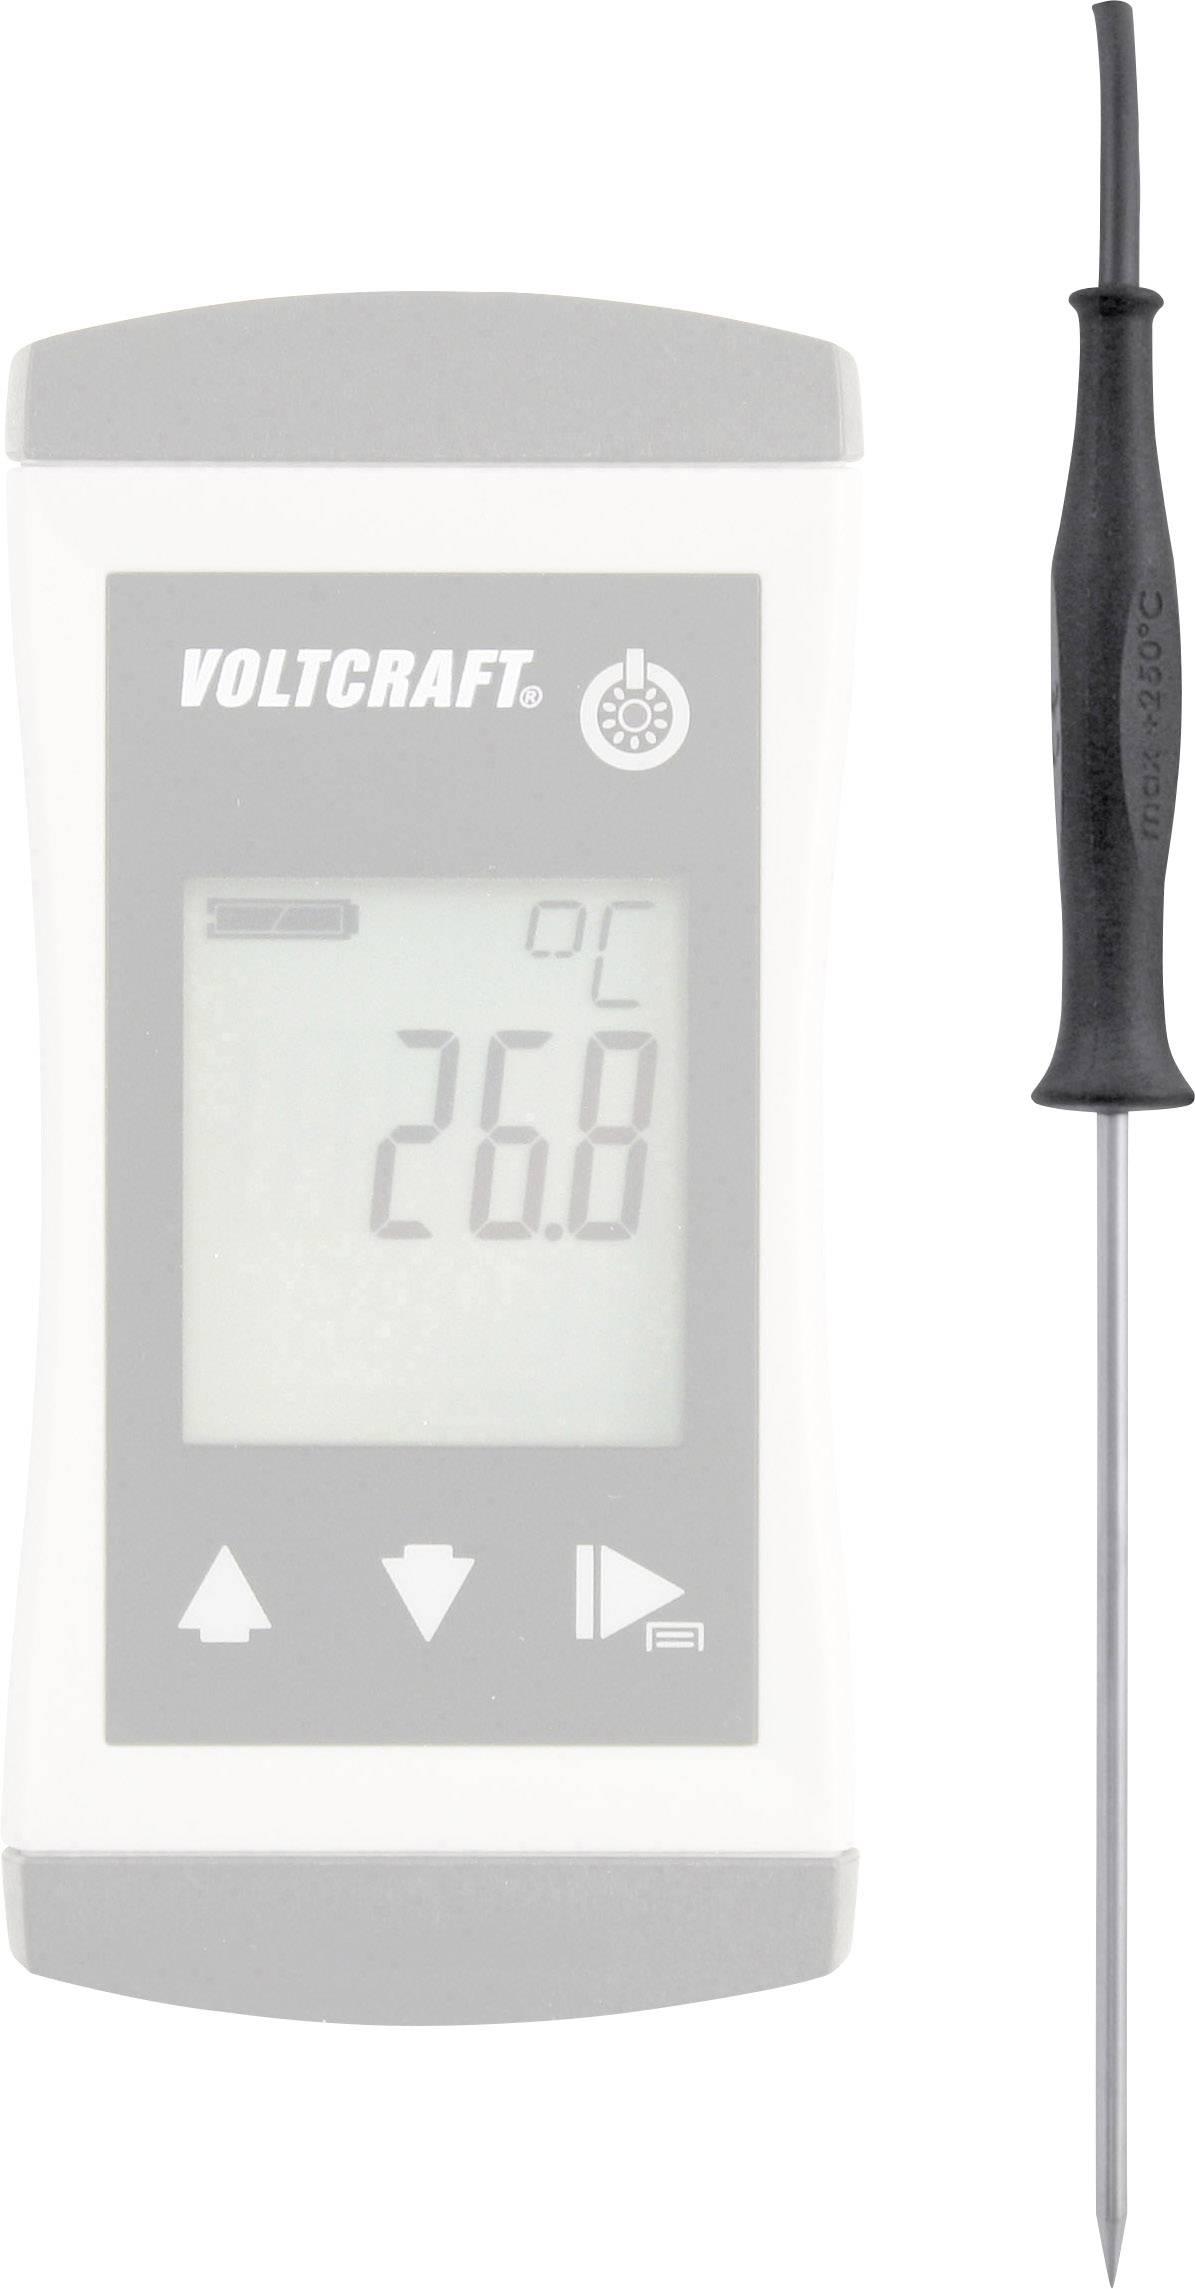 VOLTCRAFT TPT-202 Sonda a pene